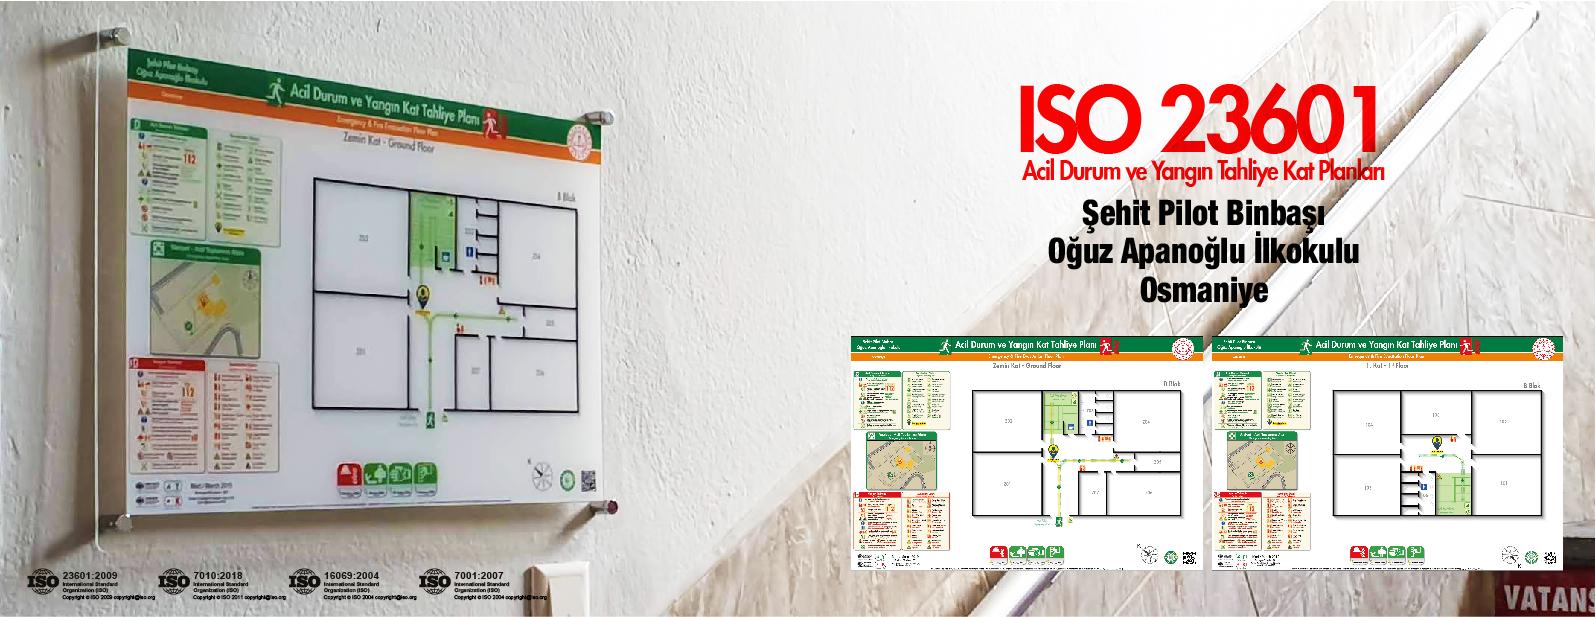 ISO 23601 Acil Durum Ve Yangın Tahliye Kat Planları Osmaniye Şehit Pilot Binbaşı Oğuz Apanoğlu İlkokulu